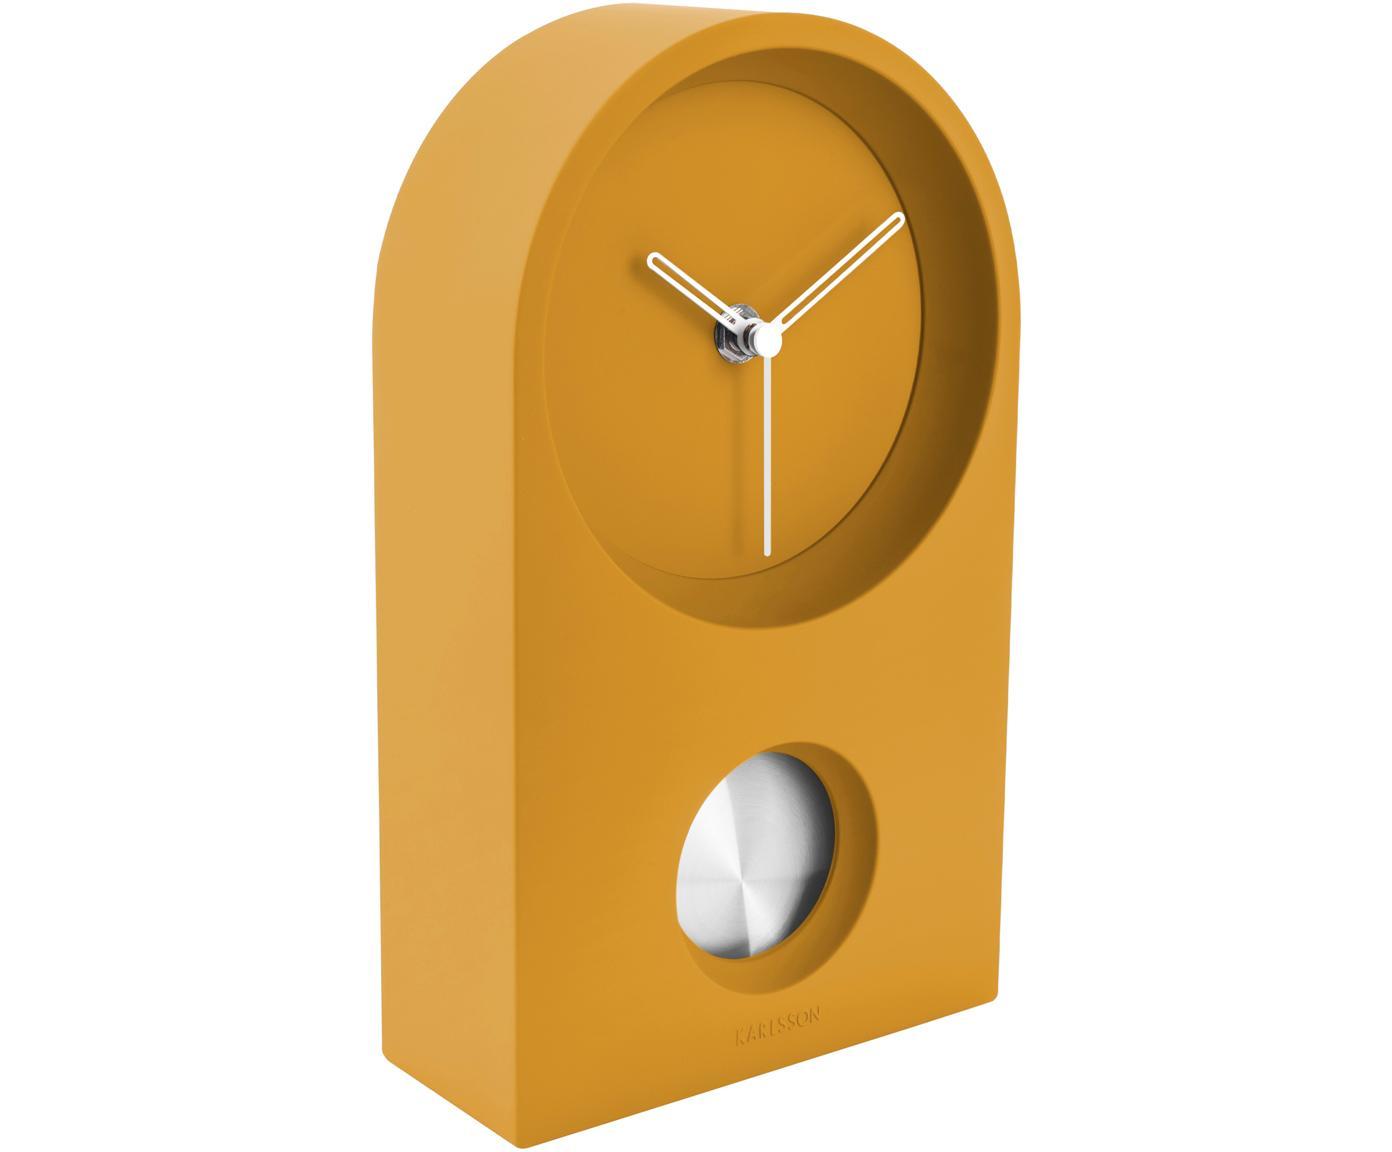 Orologio da tavolo Taut, Materiale sintetico (ABS), Giallo, argentato, Larg. 15 x Alt. 25 cm